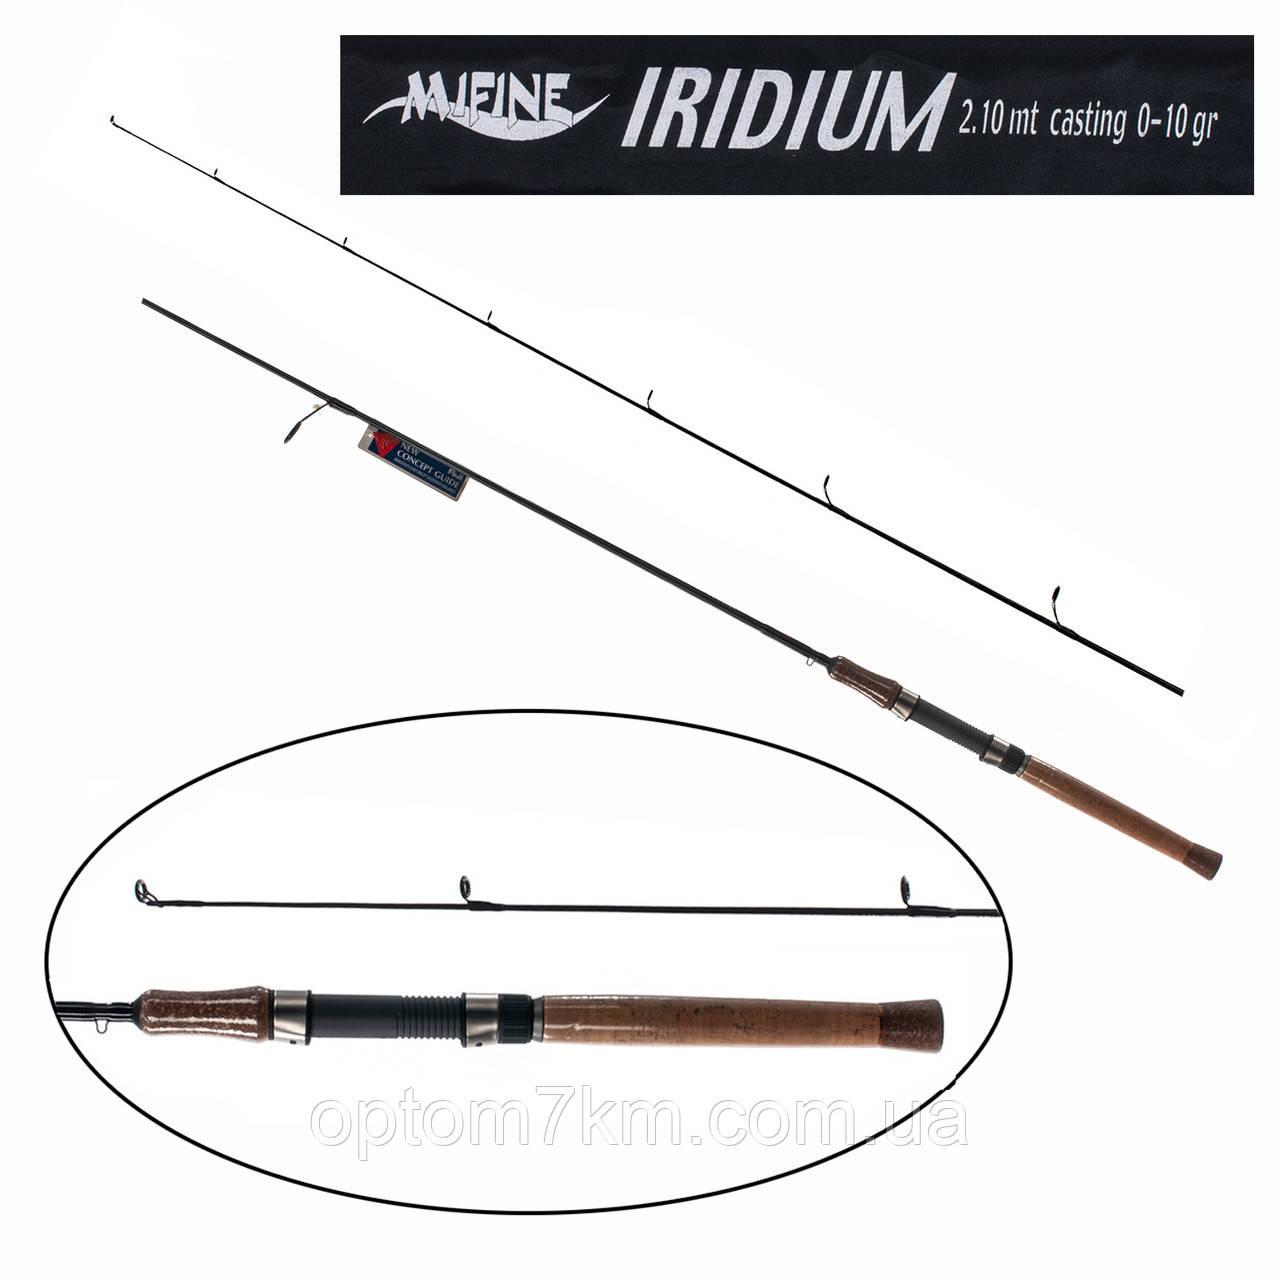 Спиннинг Mifine Iridium 2,4m, тест 0-10g